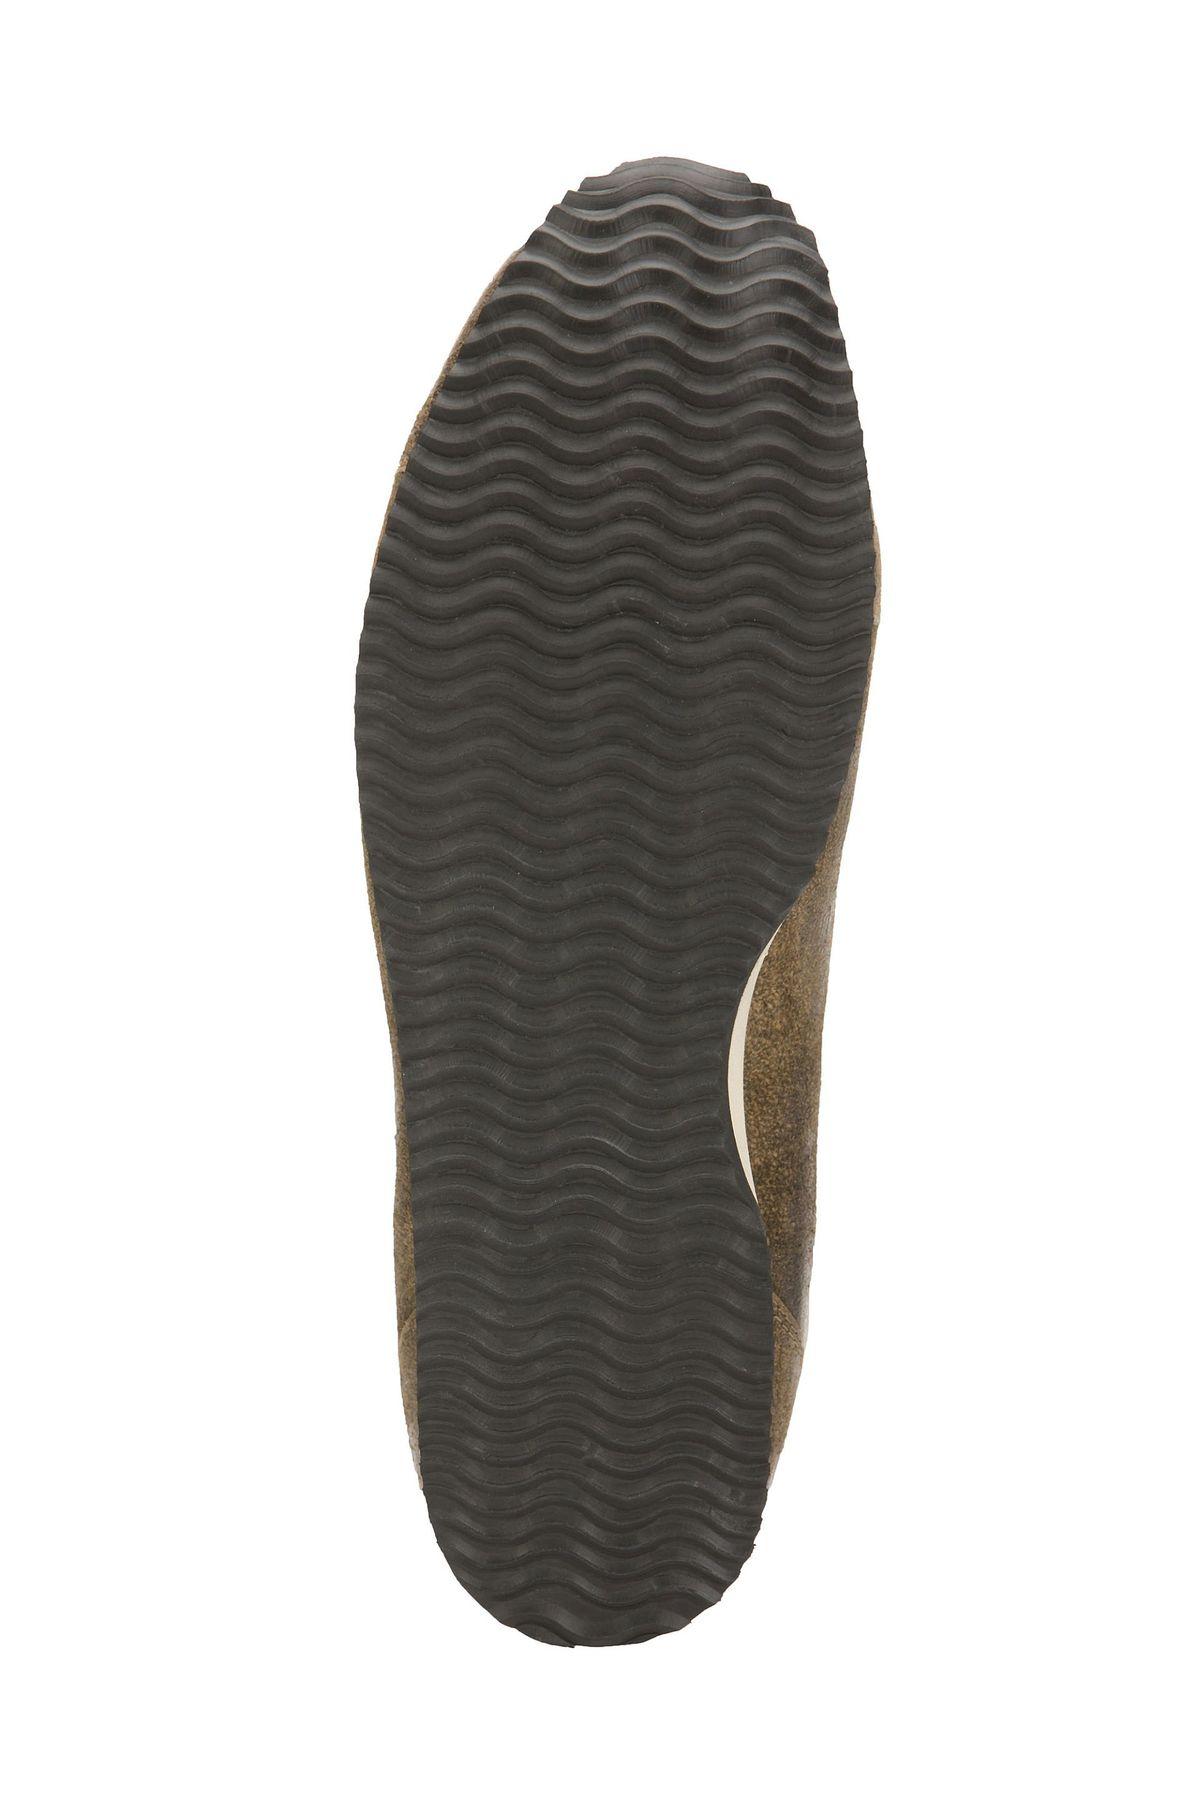 STOCKERPOINT - Herren Trachten Schuhe in Bison und Havanna, 1310 – Bild 6